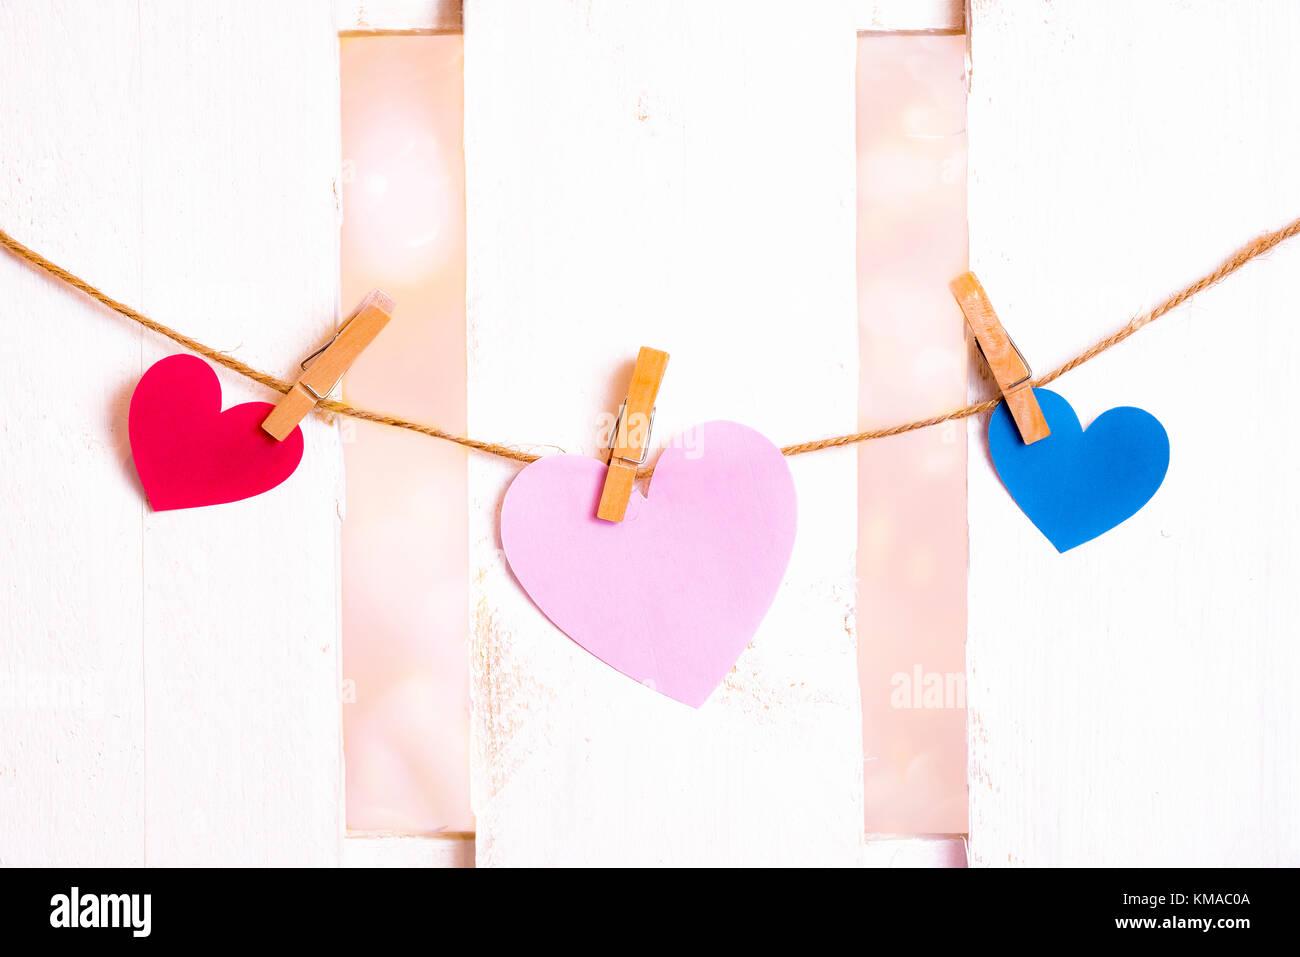 Imagen del día de San Valentín con un gran corazón rosa en el centro, uno rojo y uno azul en los lados, hecho de papel y atado a una cadena con pinzas de madera Foto de stock